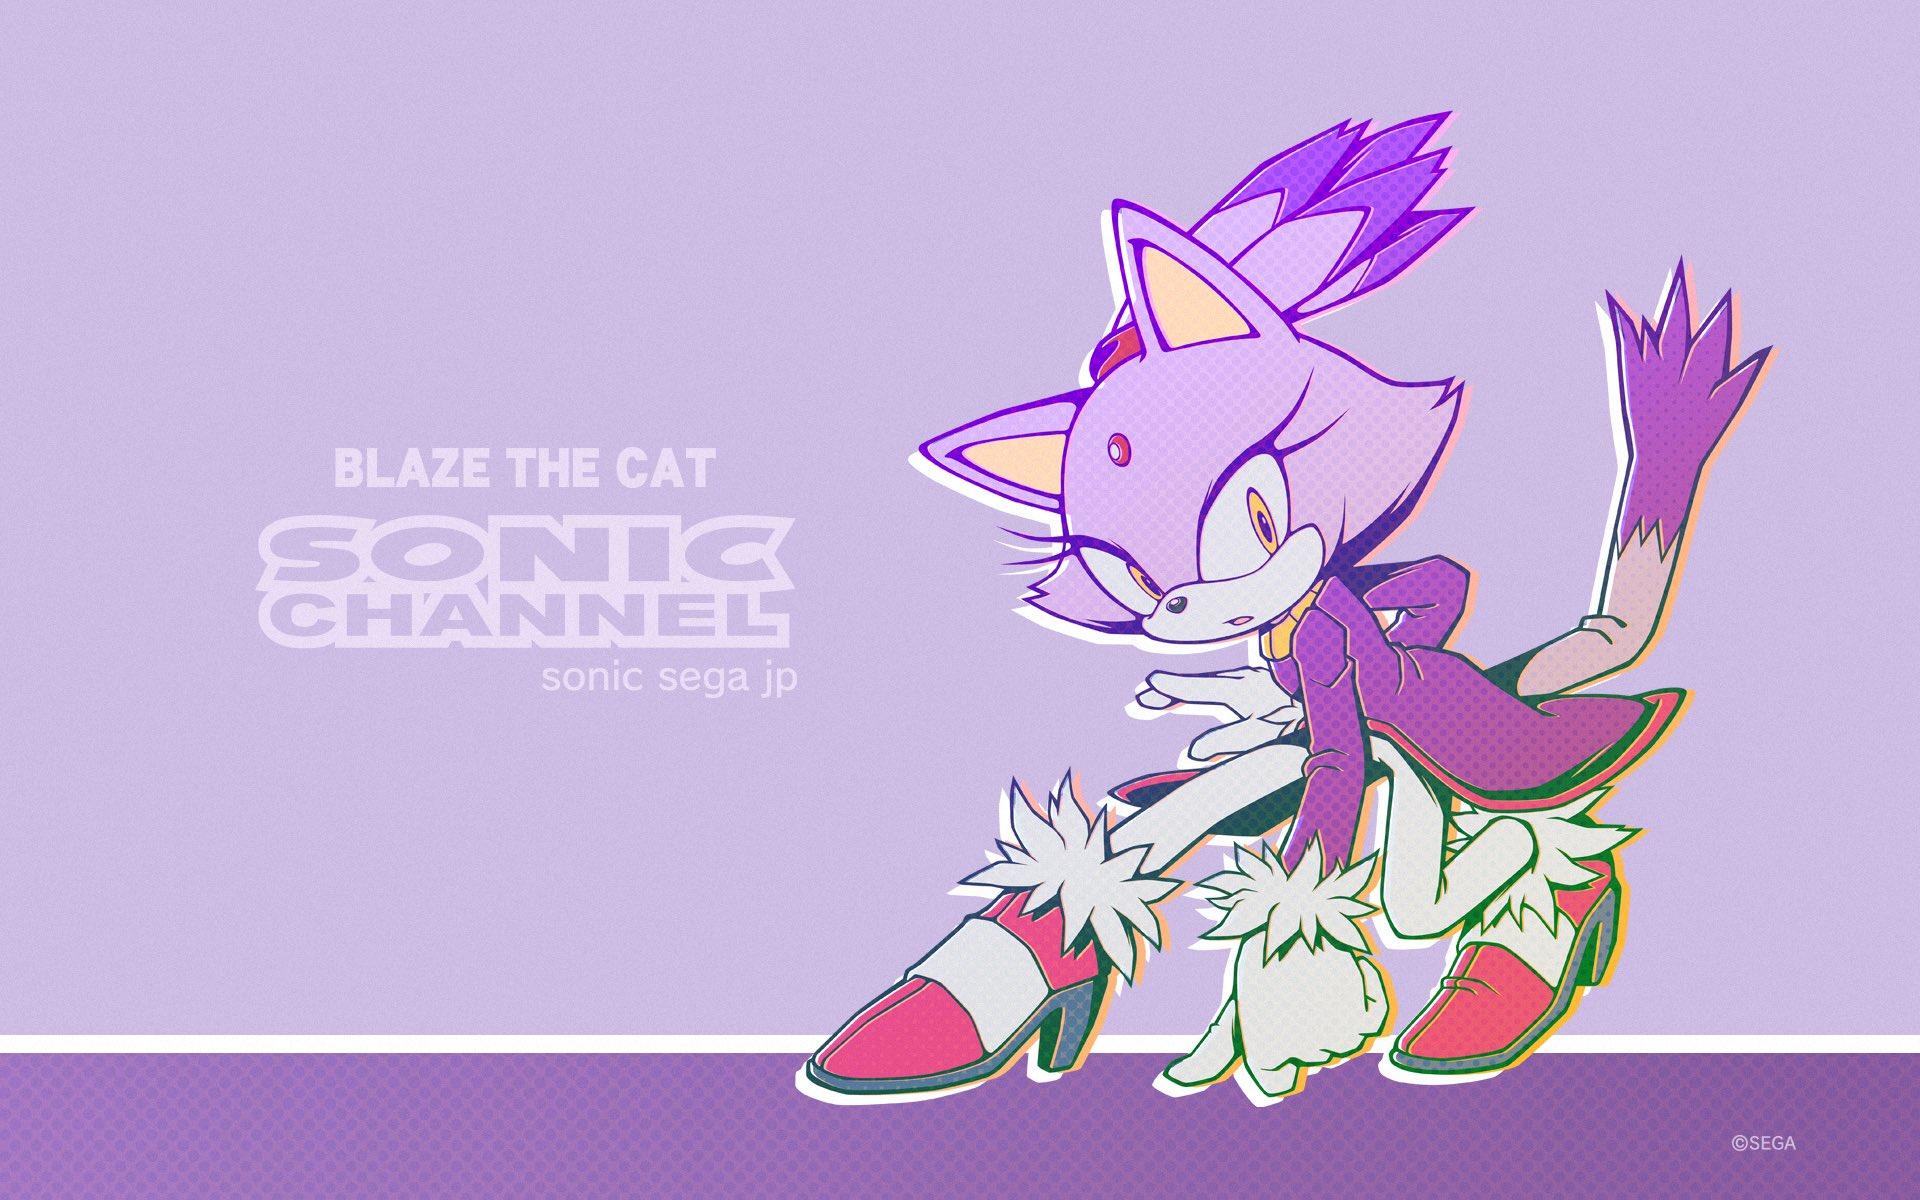 Nowe grafiki od Sonic Channel na miesiąc listopad